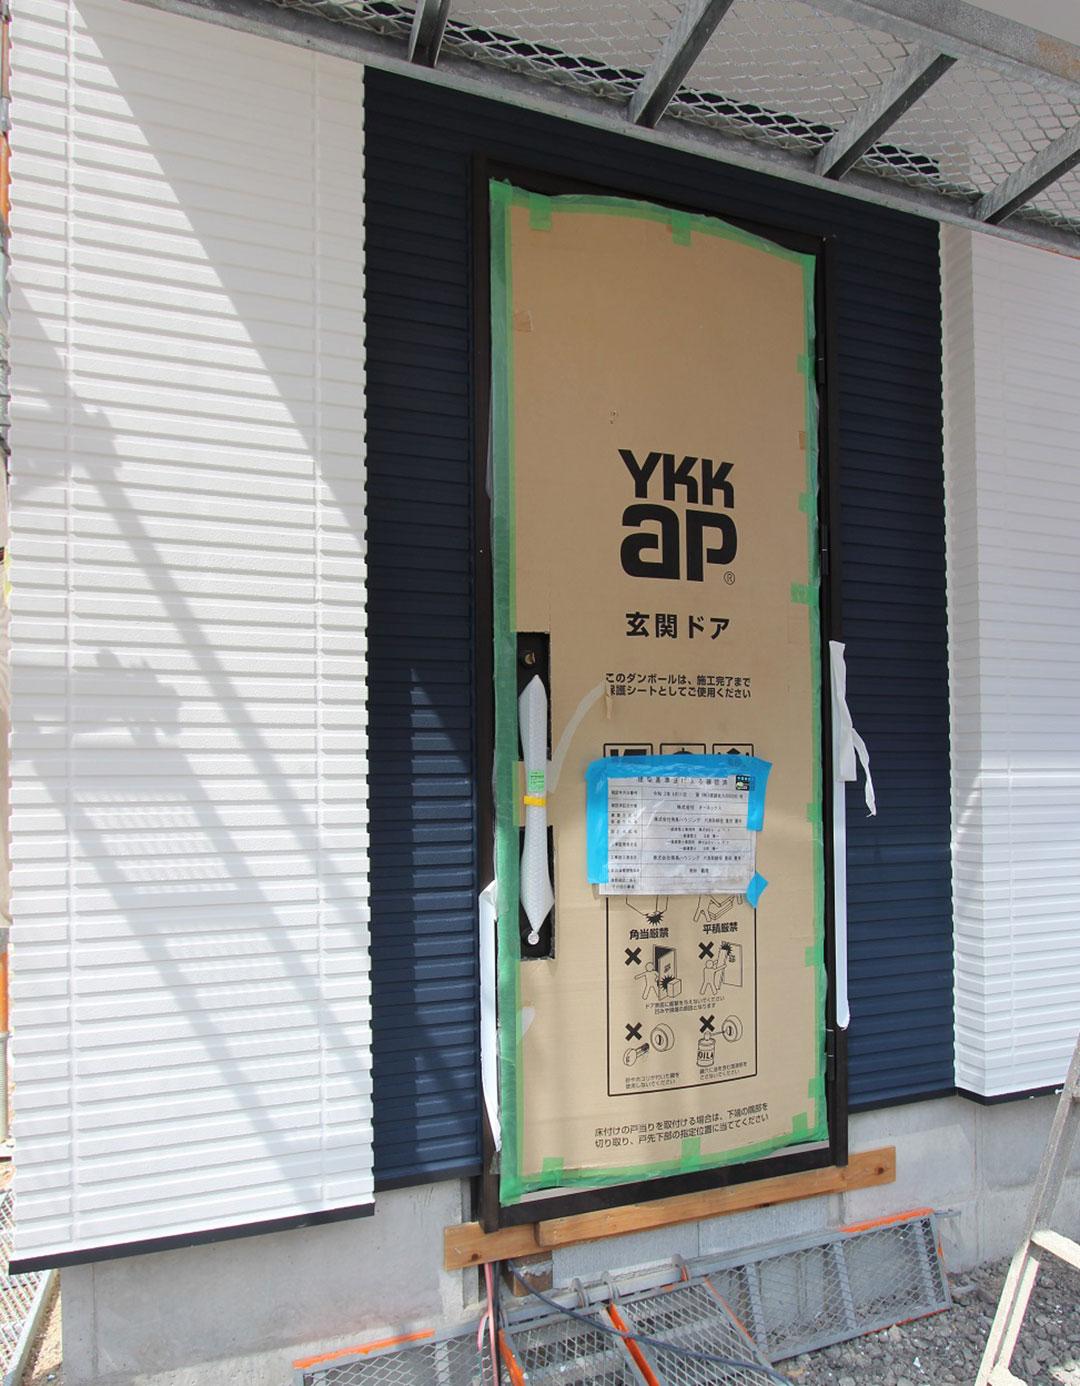 アスカーサ楠葉野田その3 外壁材「へーベルパワーボード」の写真2